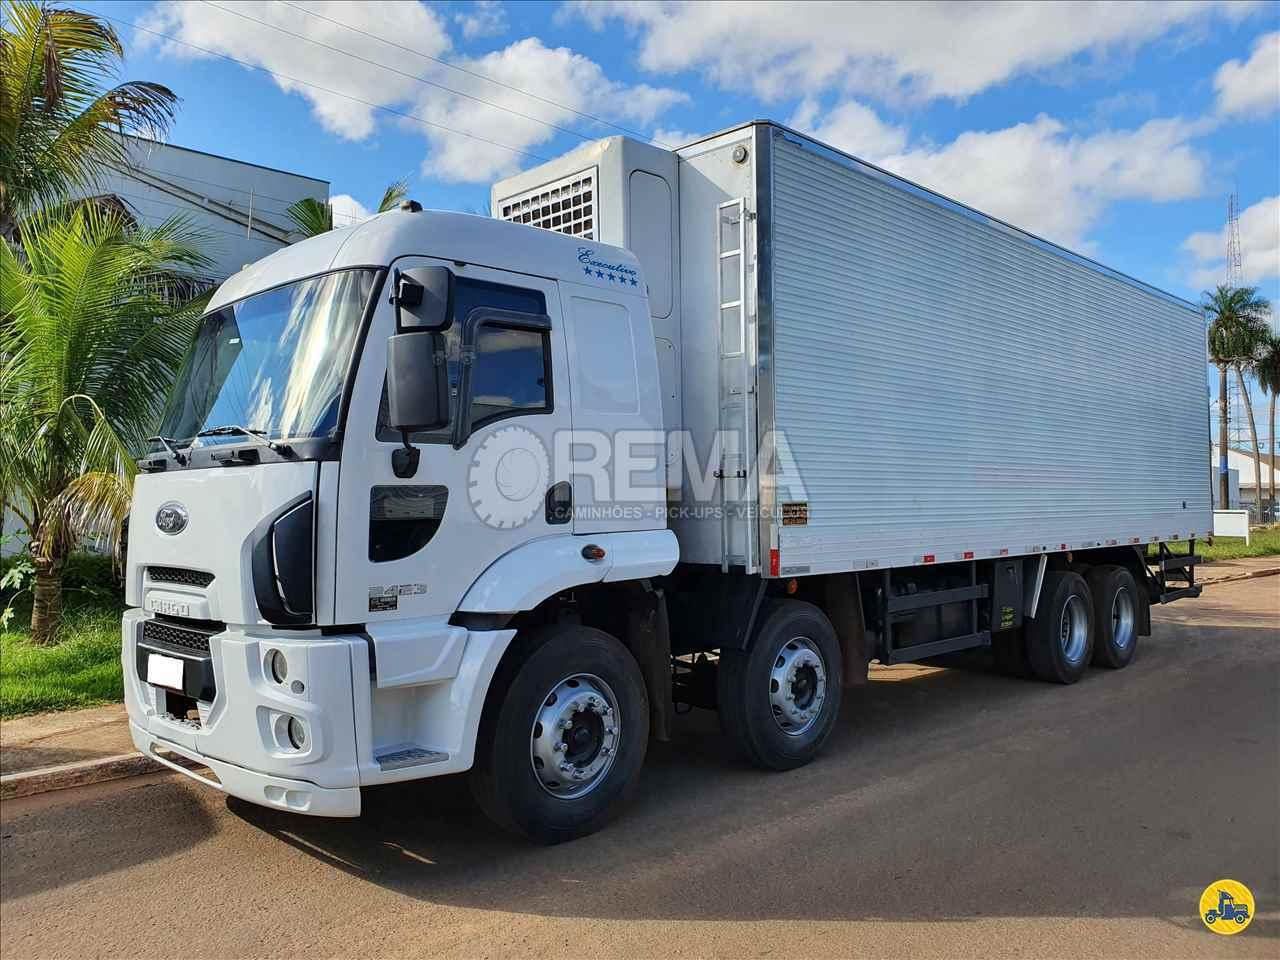 CAMINHAO FORD CARGO 2423 Baú Frigorífico BiTruck 8x2 Rema Caminhões - MS CAMPO GRANDE MATO GROSSO DO SUL MS